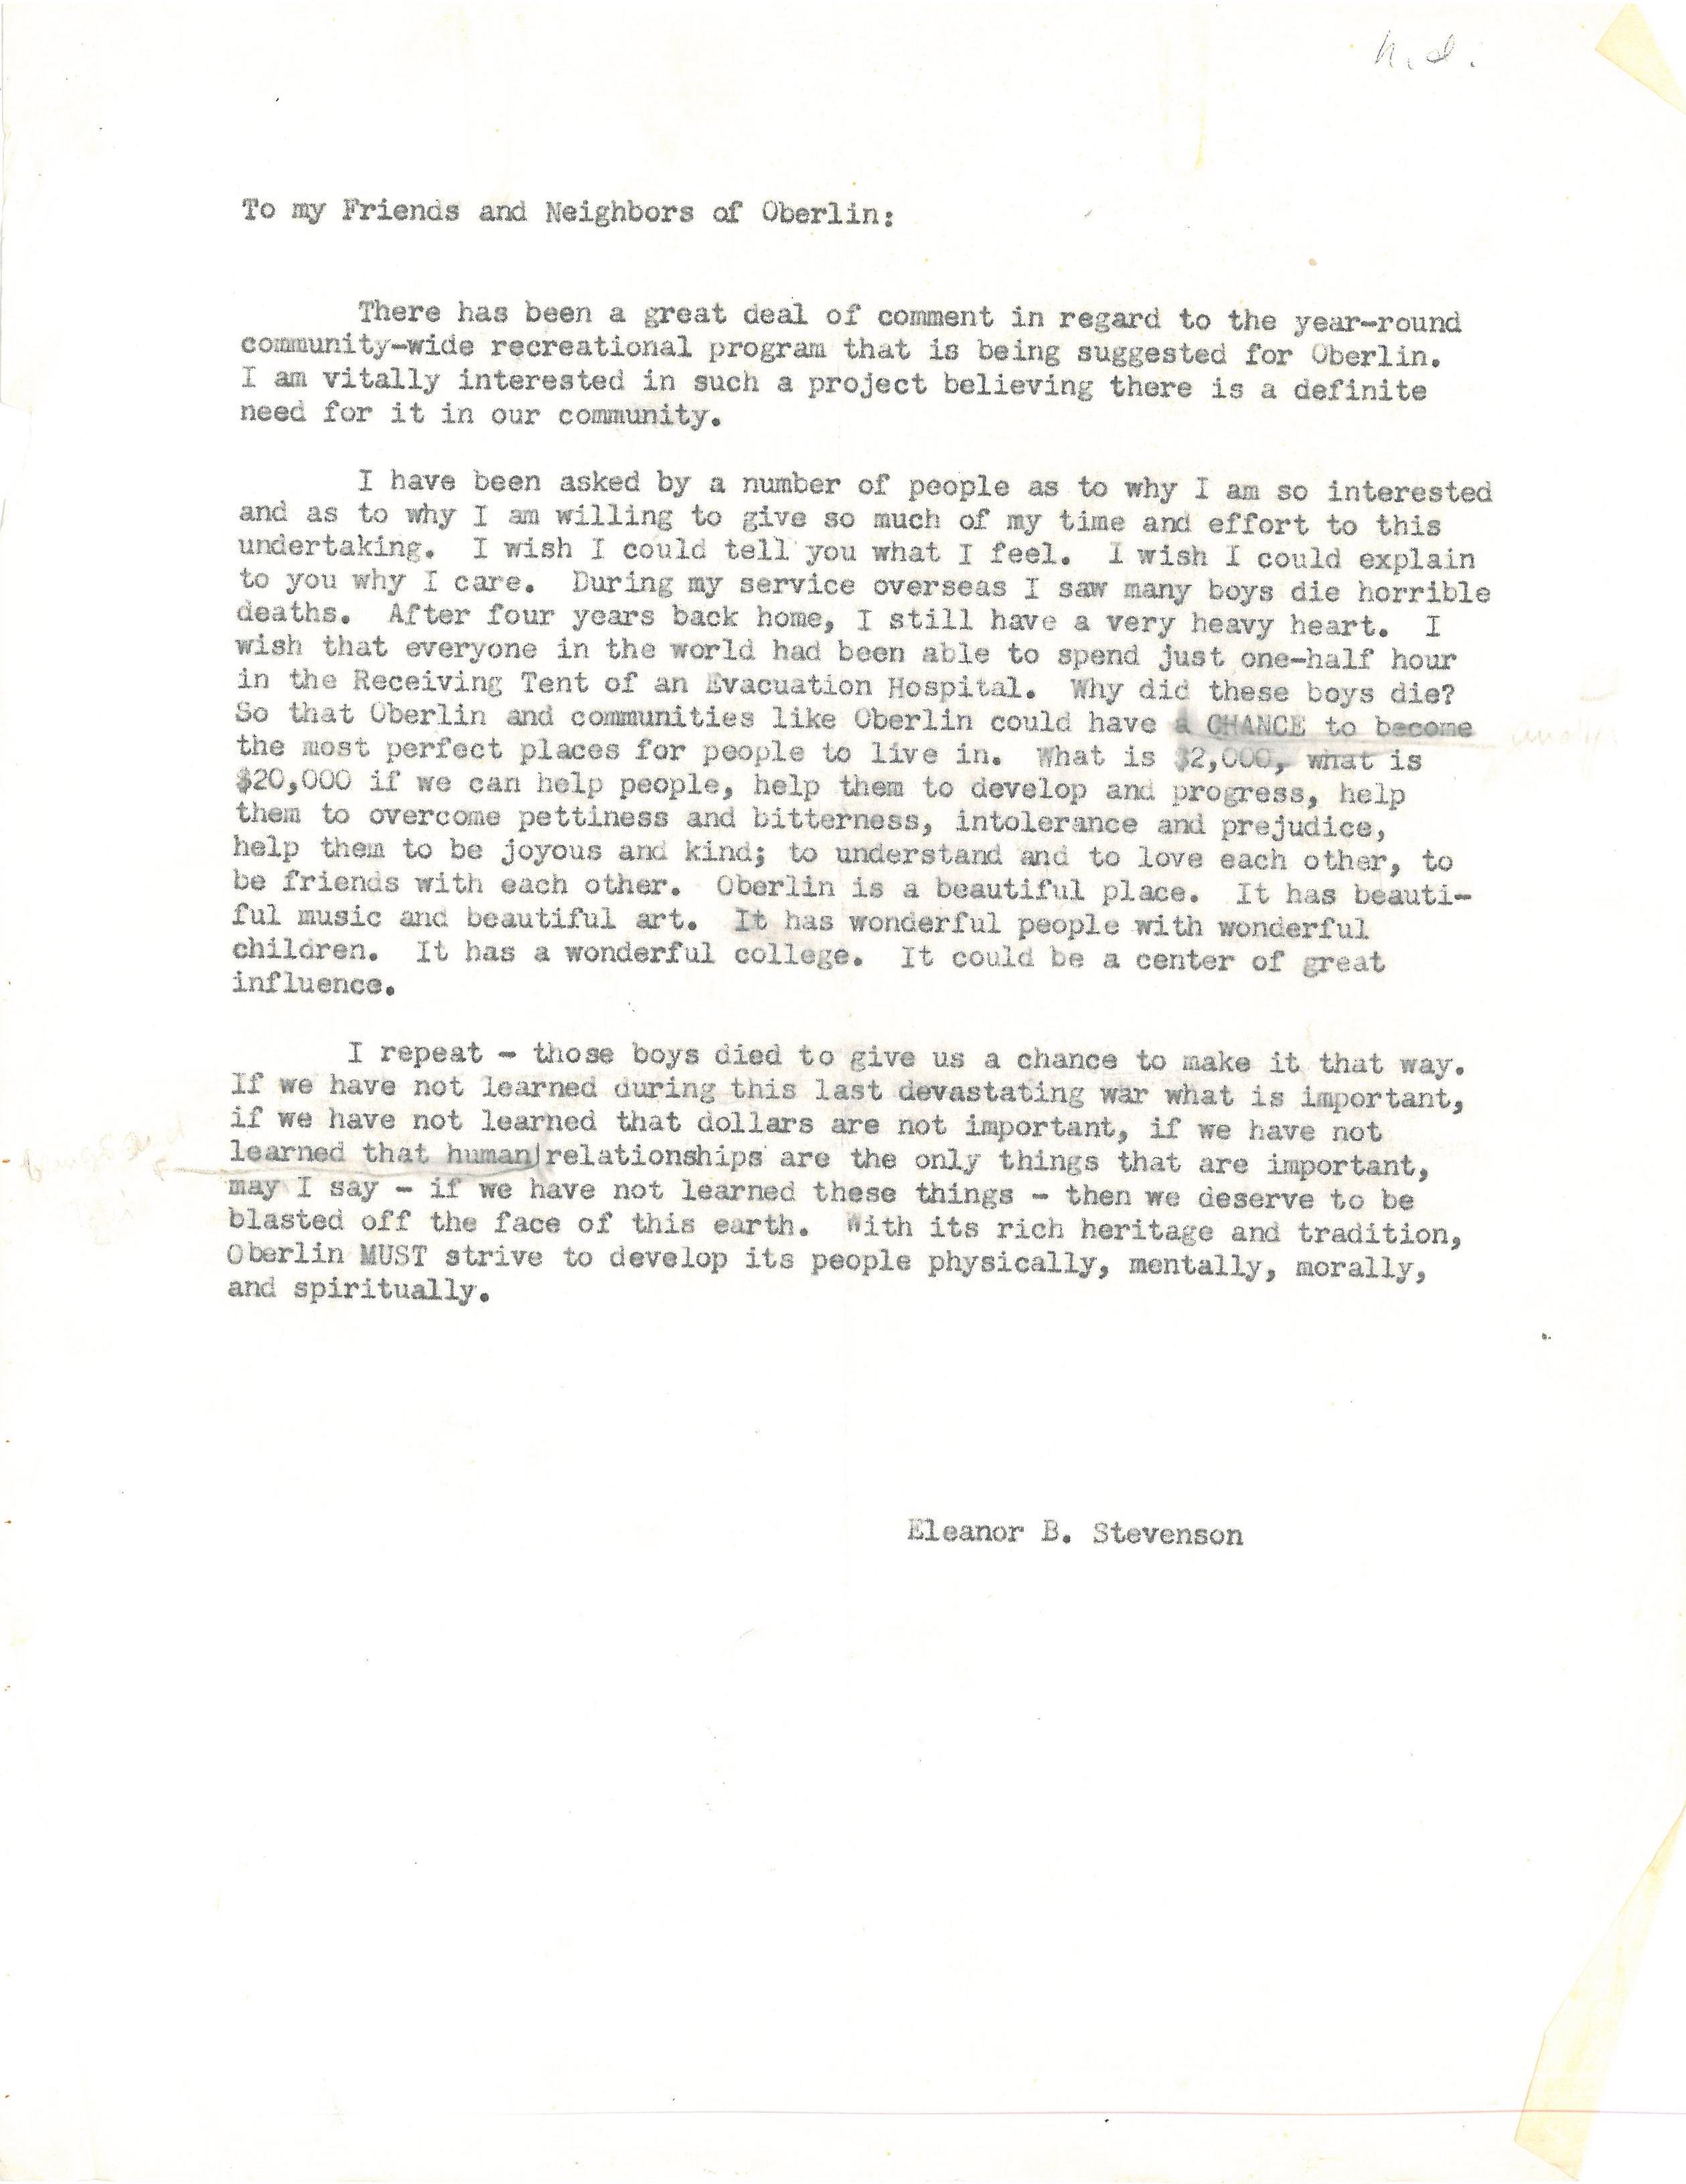 oberlin letter